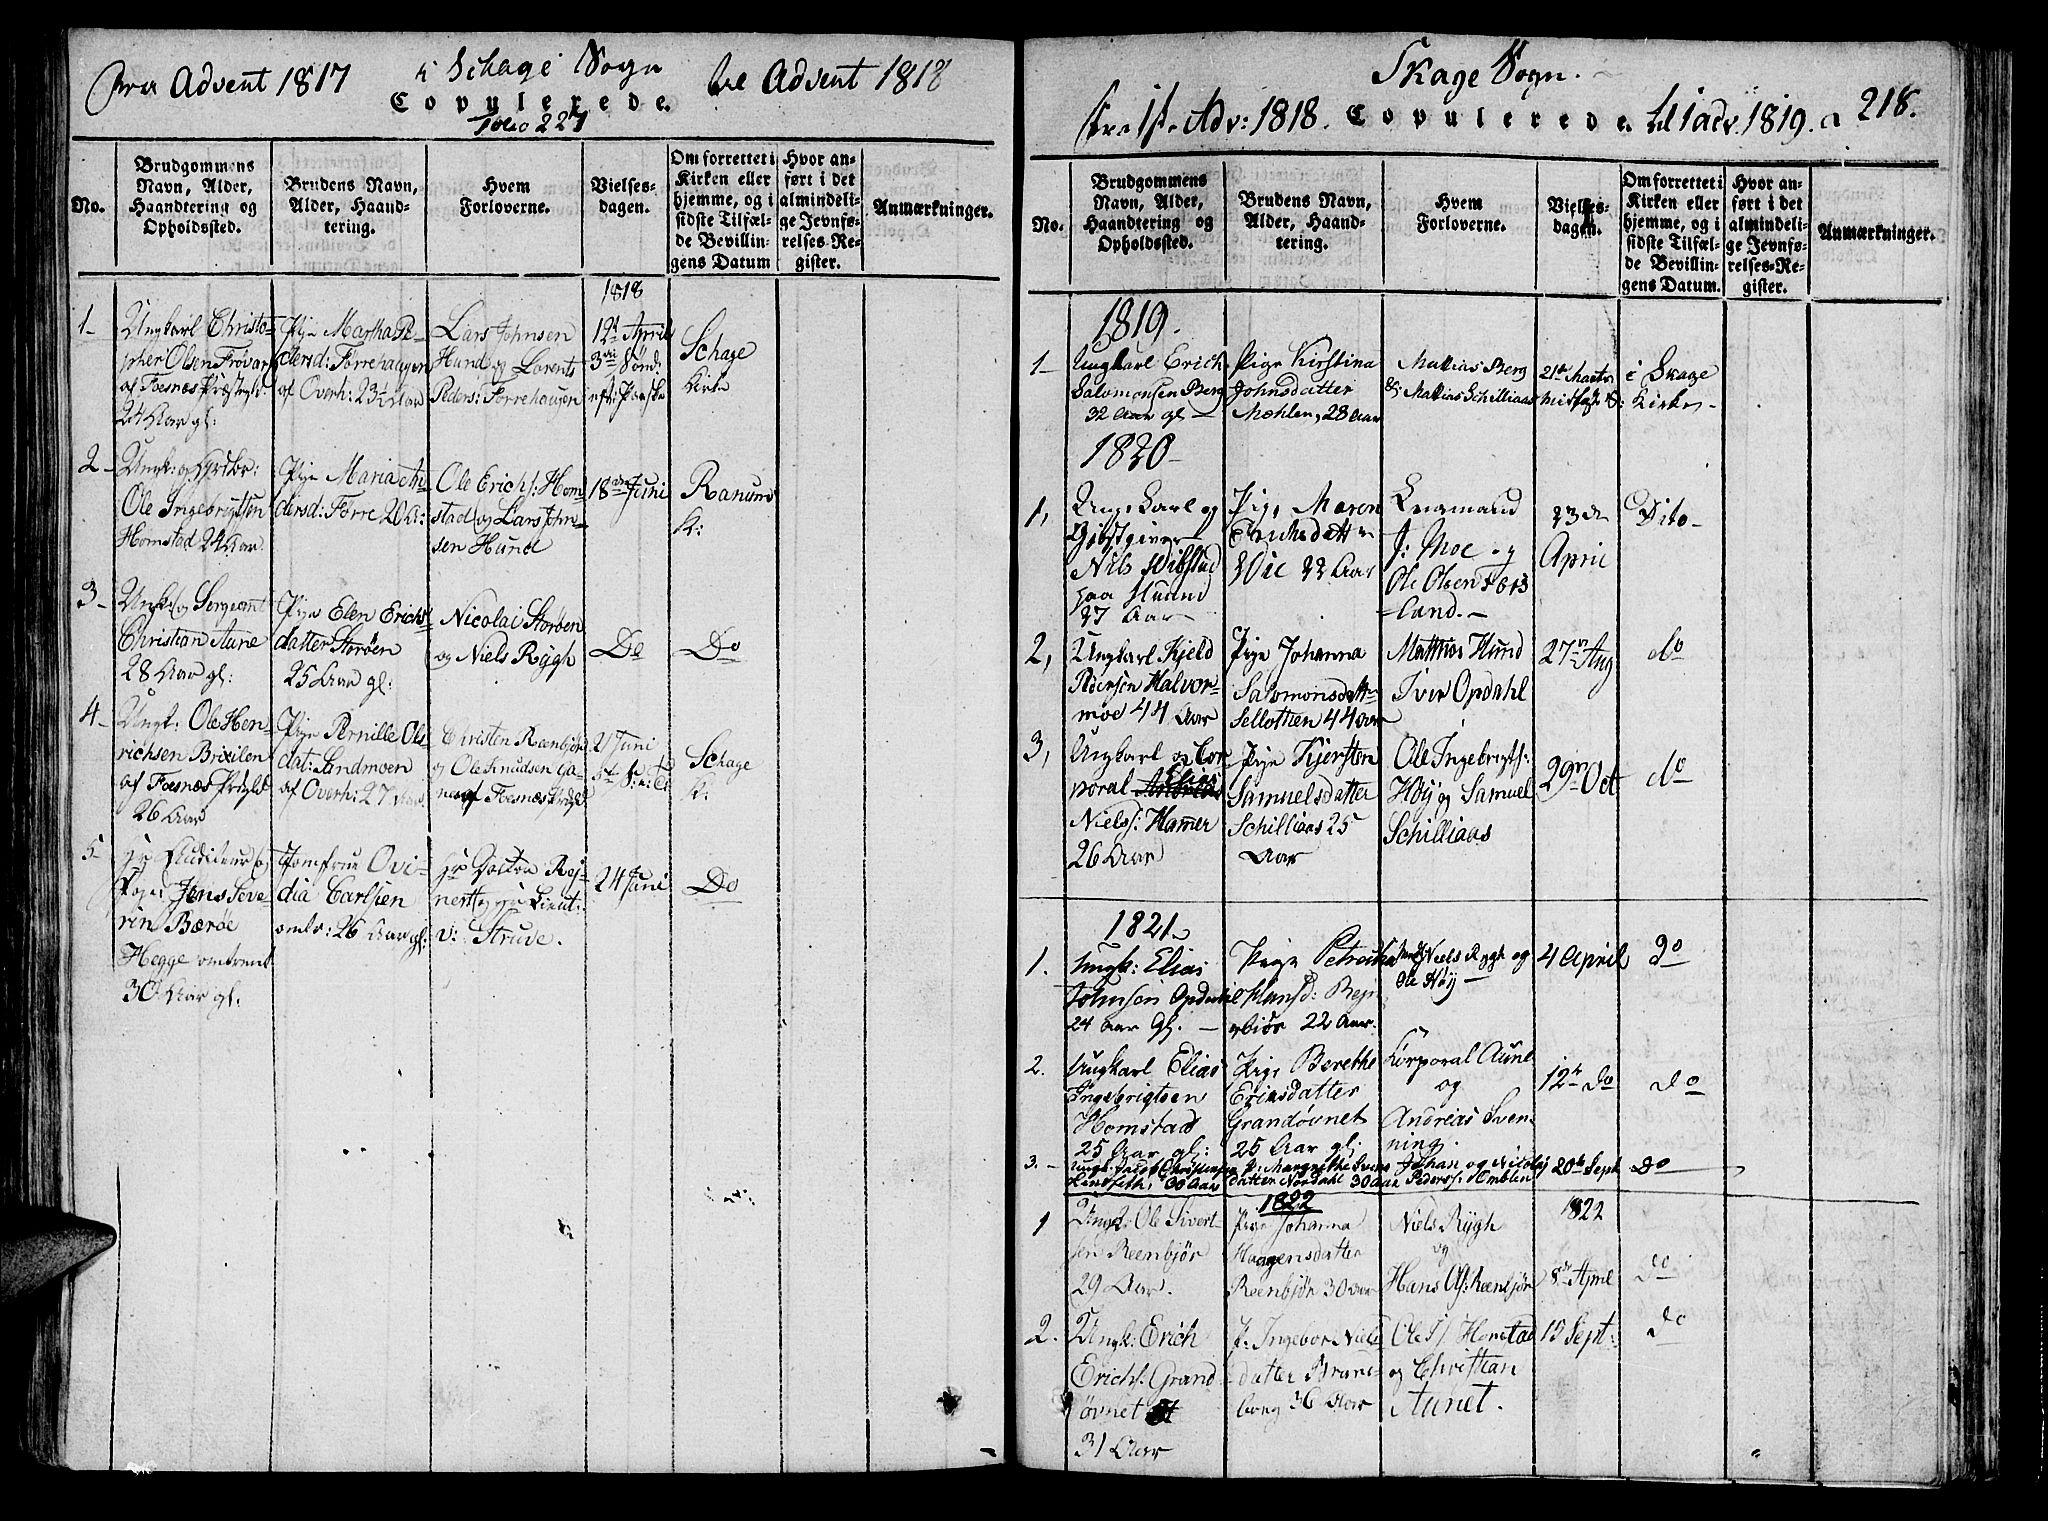 SAT, Ministerialprotokoller, klokkerbøker og fødselsregistre - Nord-Trøndelag, 764/L0546: Ministerialbok nr. 764A06 /4, 1817-1823, s. 218